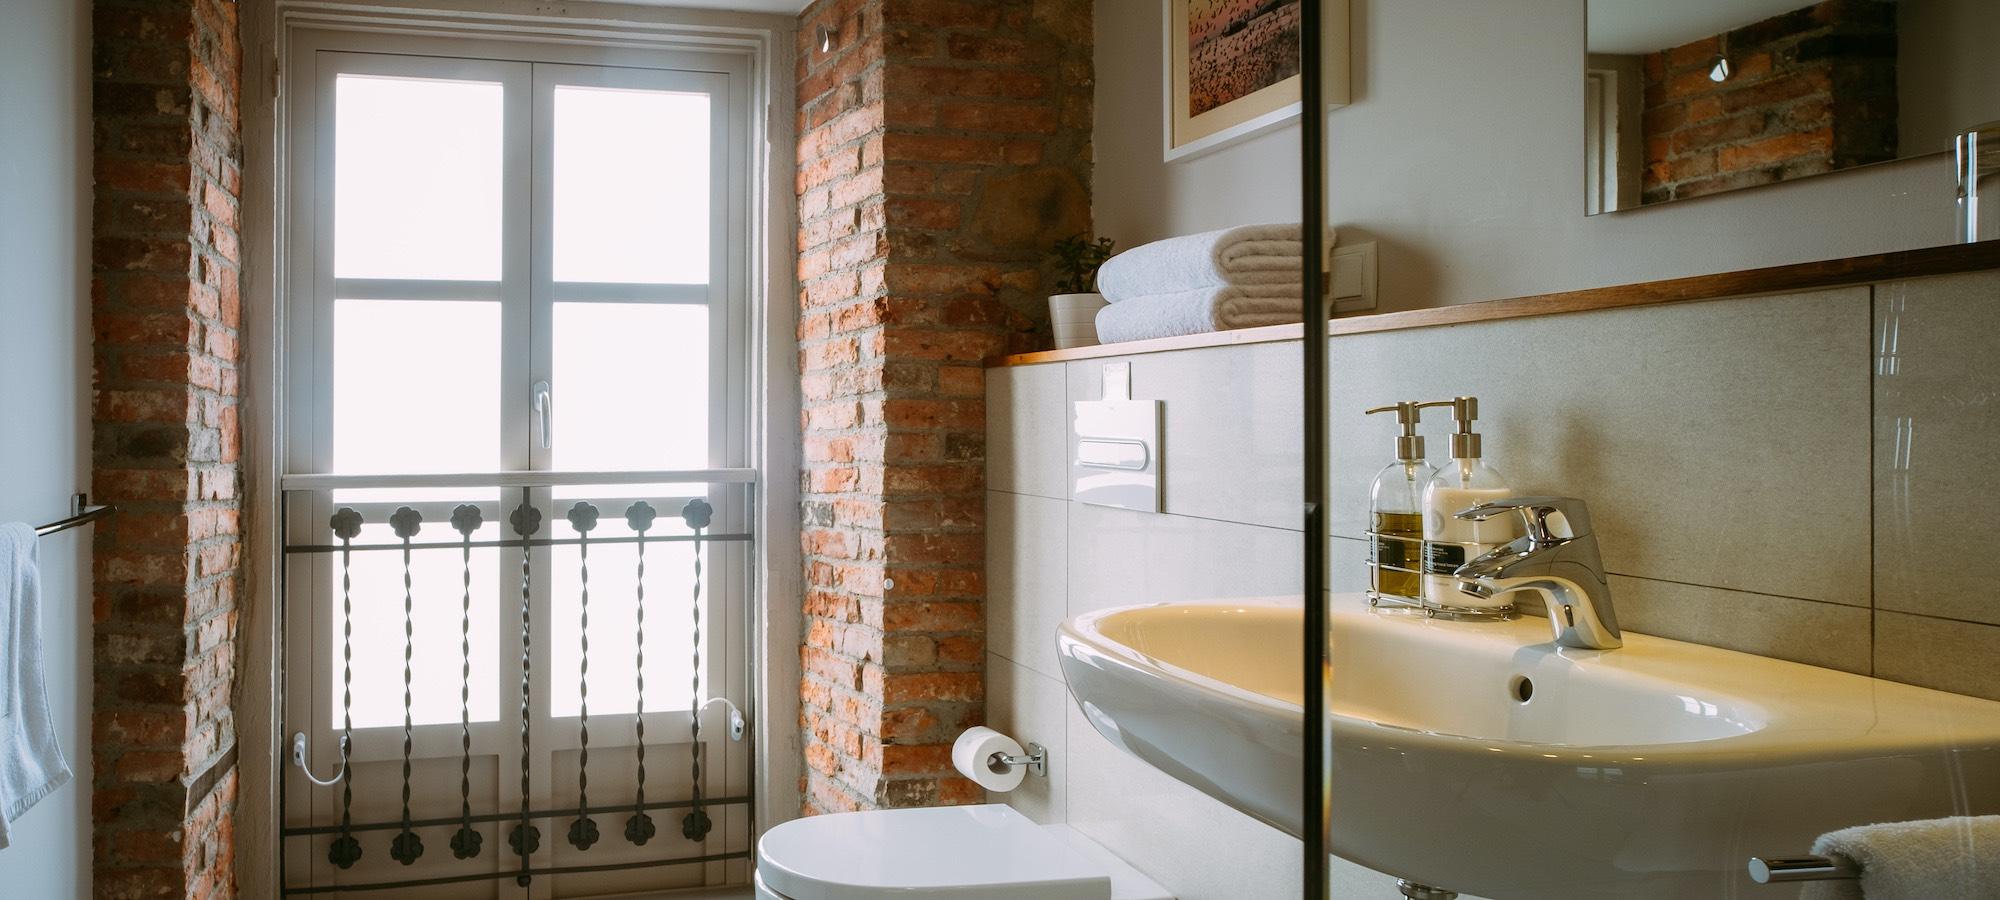 el gran sueño plaza bedroom bathroom